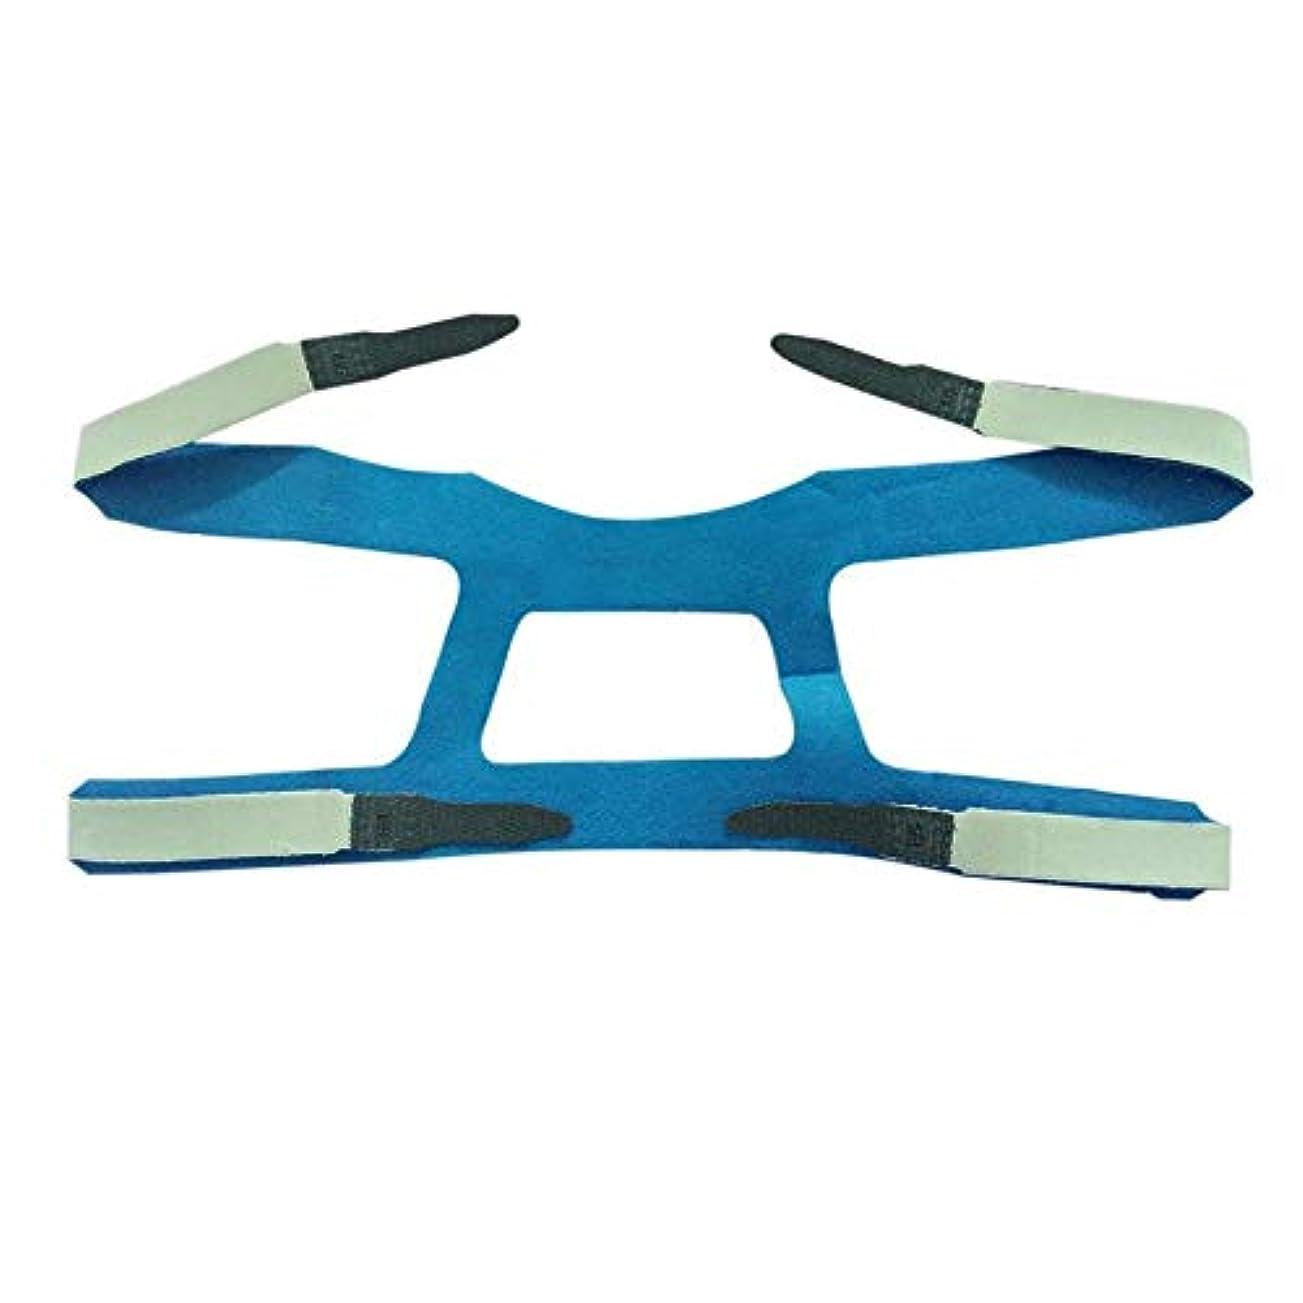 あたたかい普通に森ユニバーサルデザインヘッドギアコンフォートジェルフルマスク安全な環境の交換用CPAPヘッドバンドなしPHILPS - グレー&ブルー